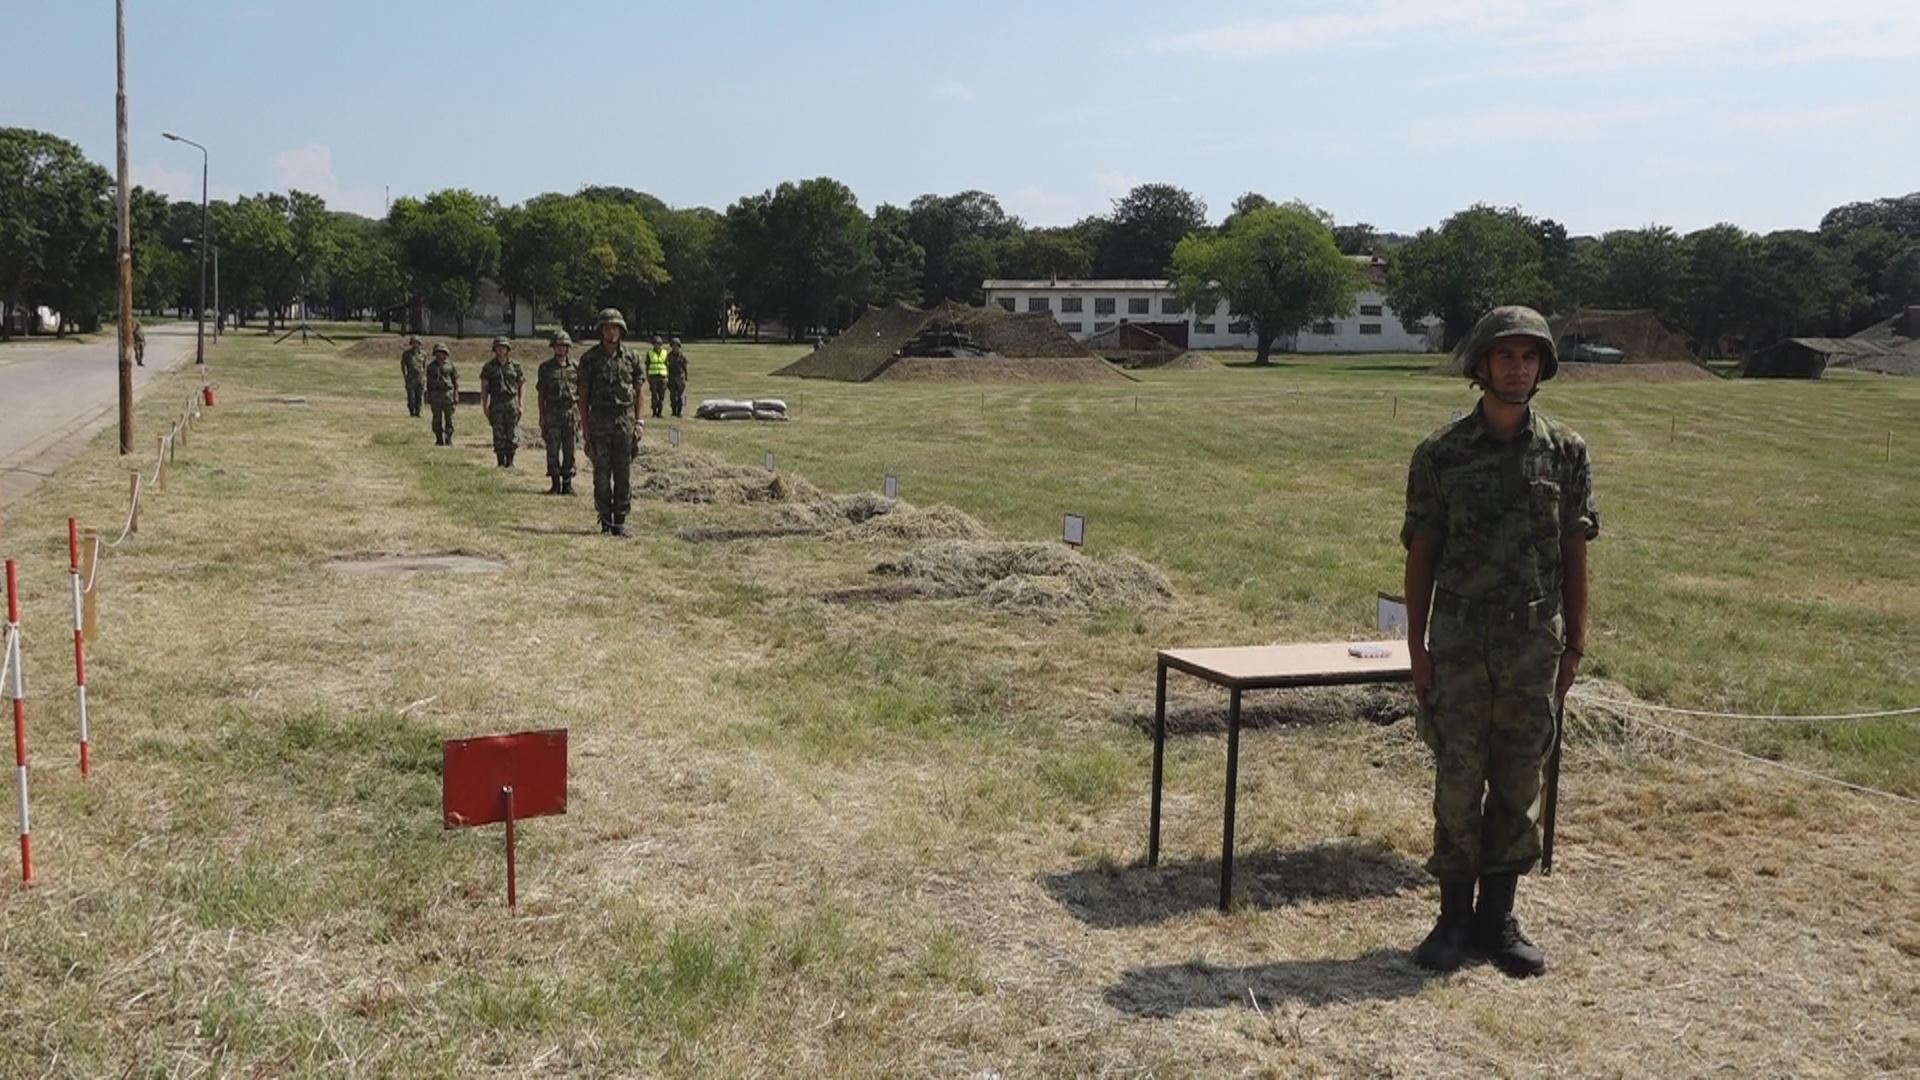 Obaveštenje o izvođenju gađanja iz pešadijskog naoružanja i vežbe sa bojnim minsko-eksplozivnim sredstvima (MES) za SEPTEMBAR 40665